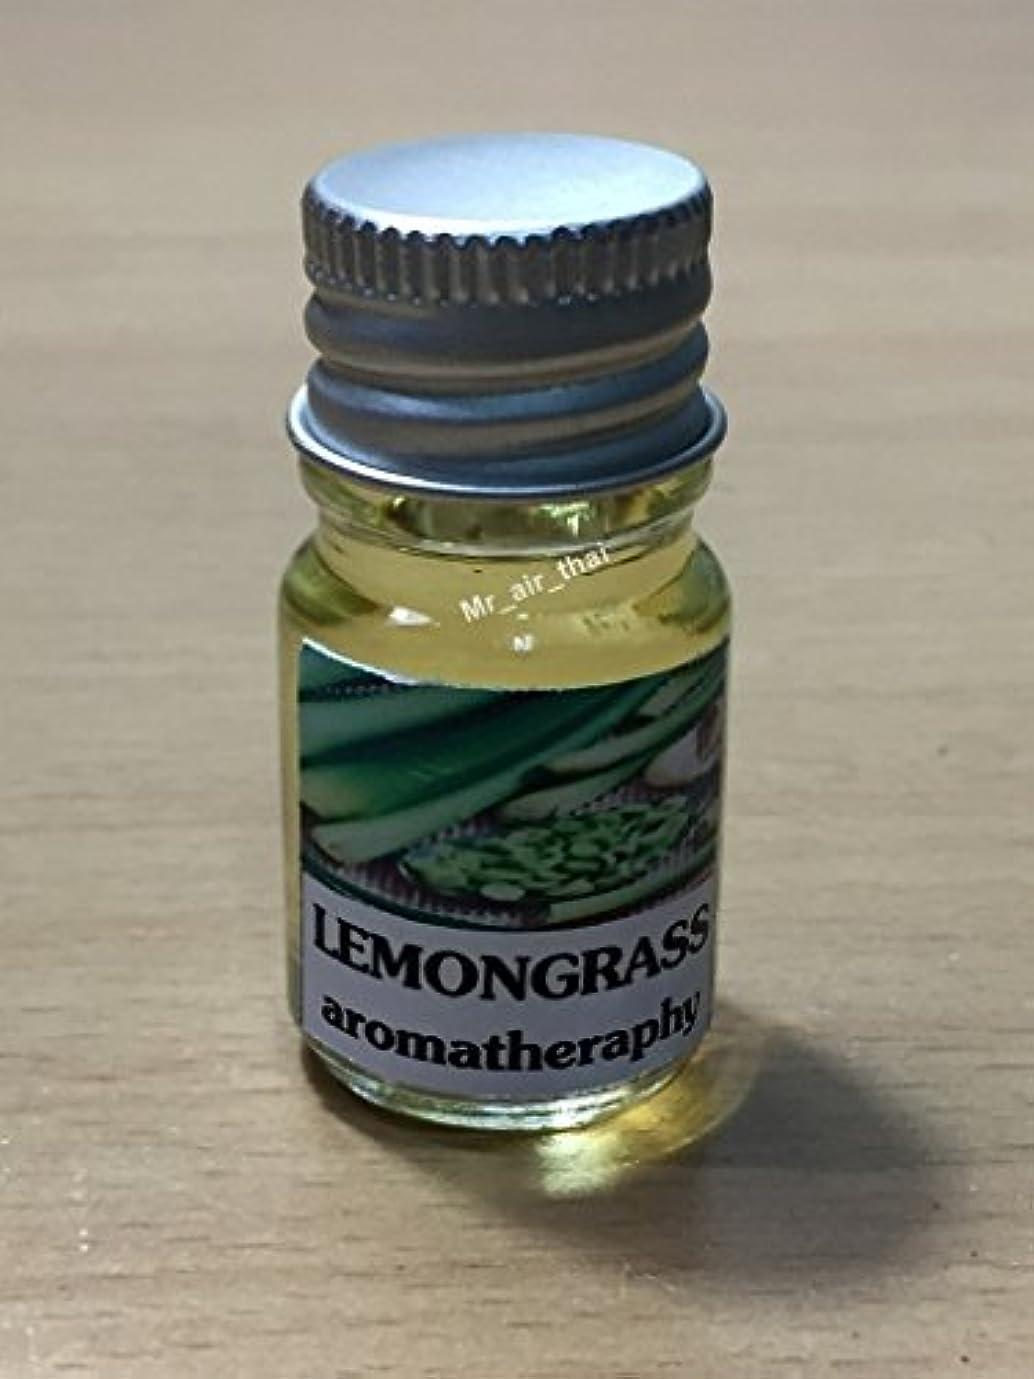 もし忠誠オーラル5ミリリットルアロマレモングラスフランクインセンスエッセンシャルオイルボトルアロマテラピーオイル自然自然5ml Aroma Lemongrass Frankincense Essential Oil Bottles Aromatherapy...